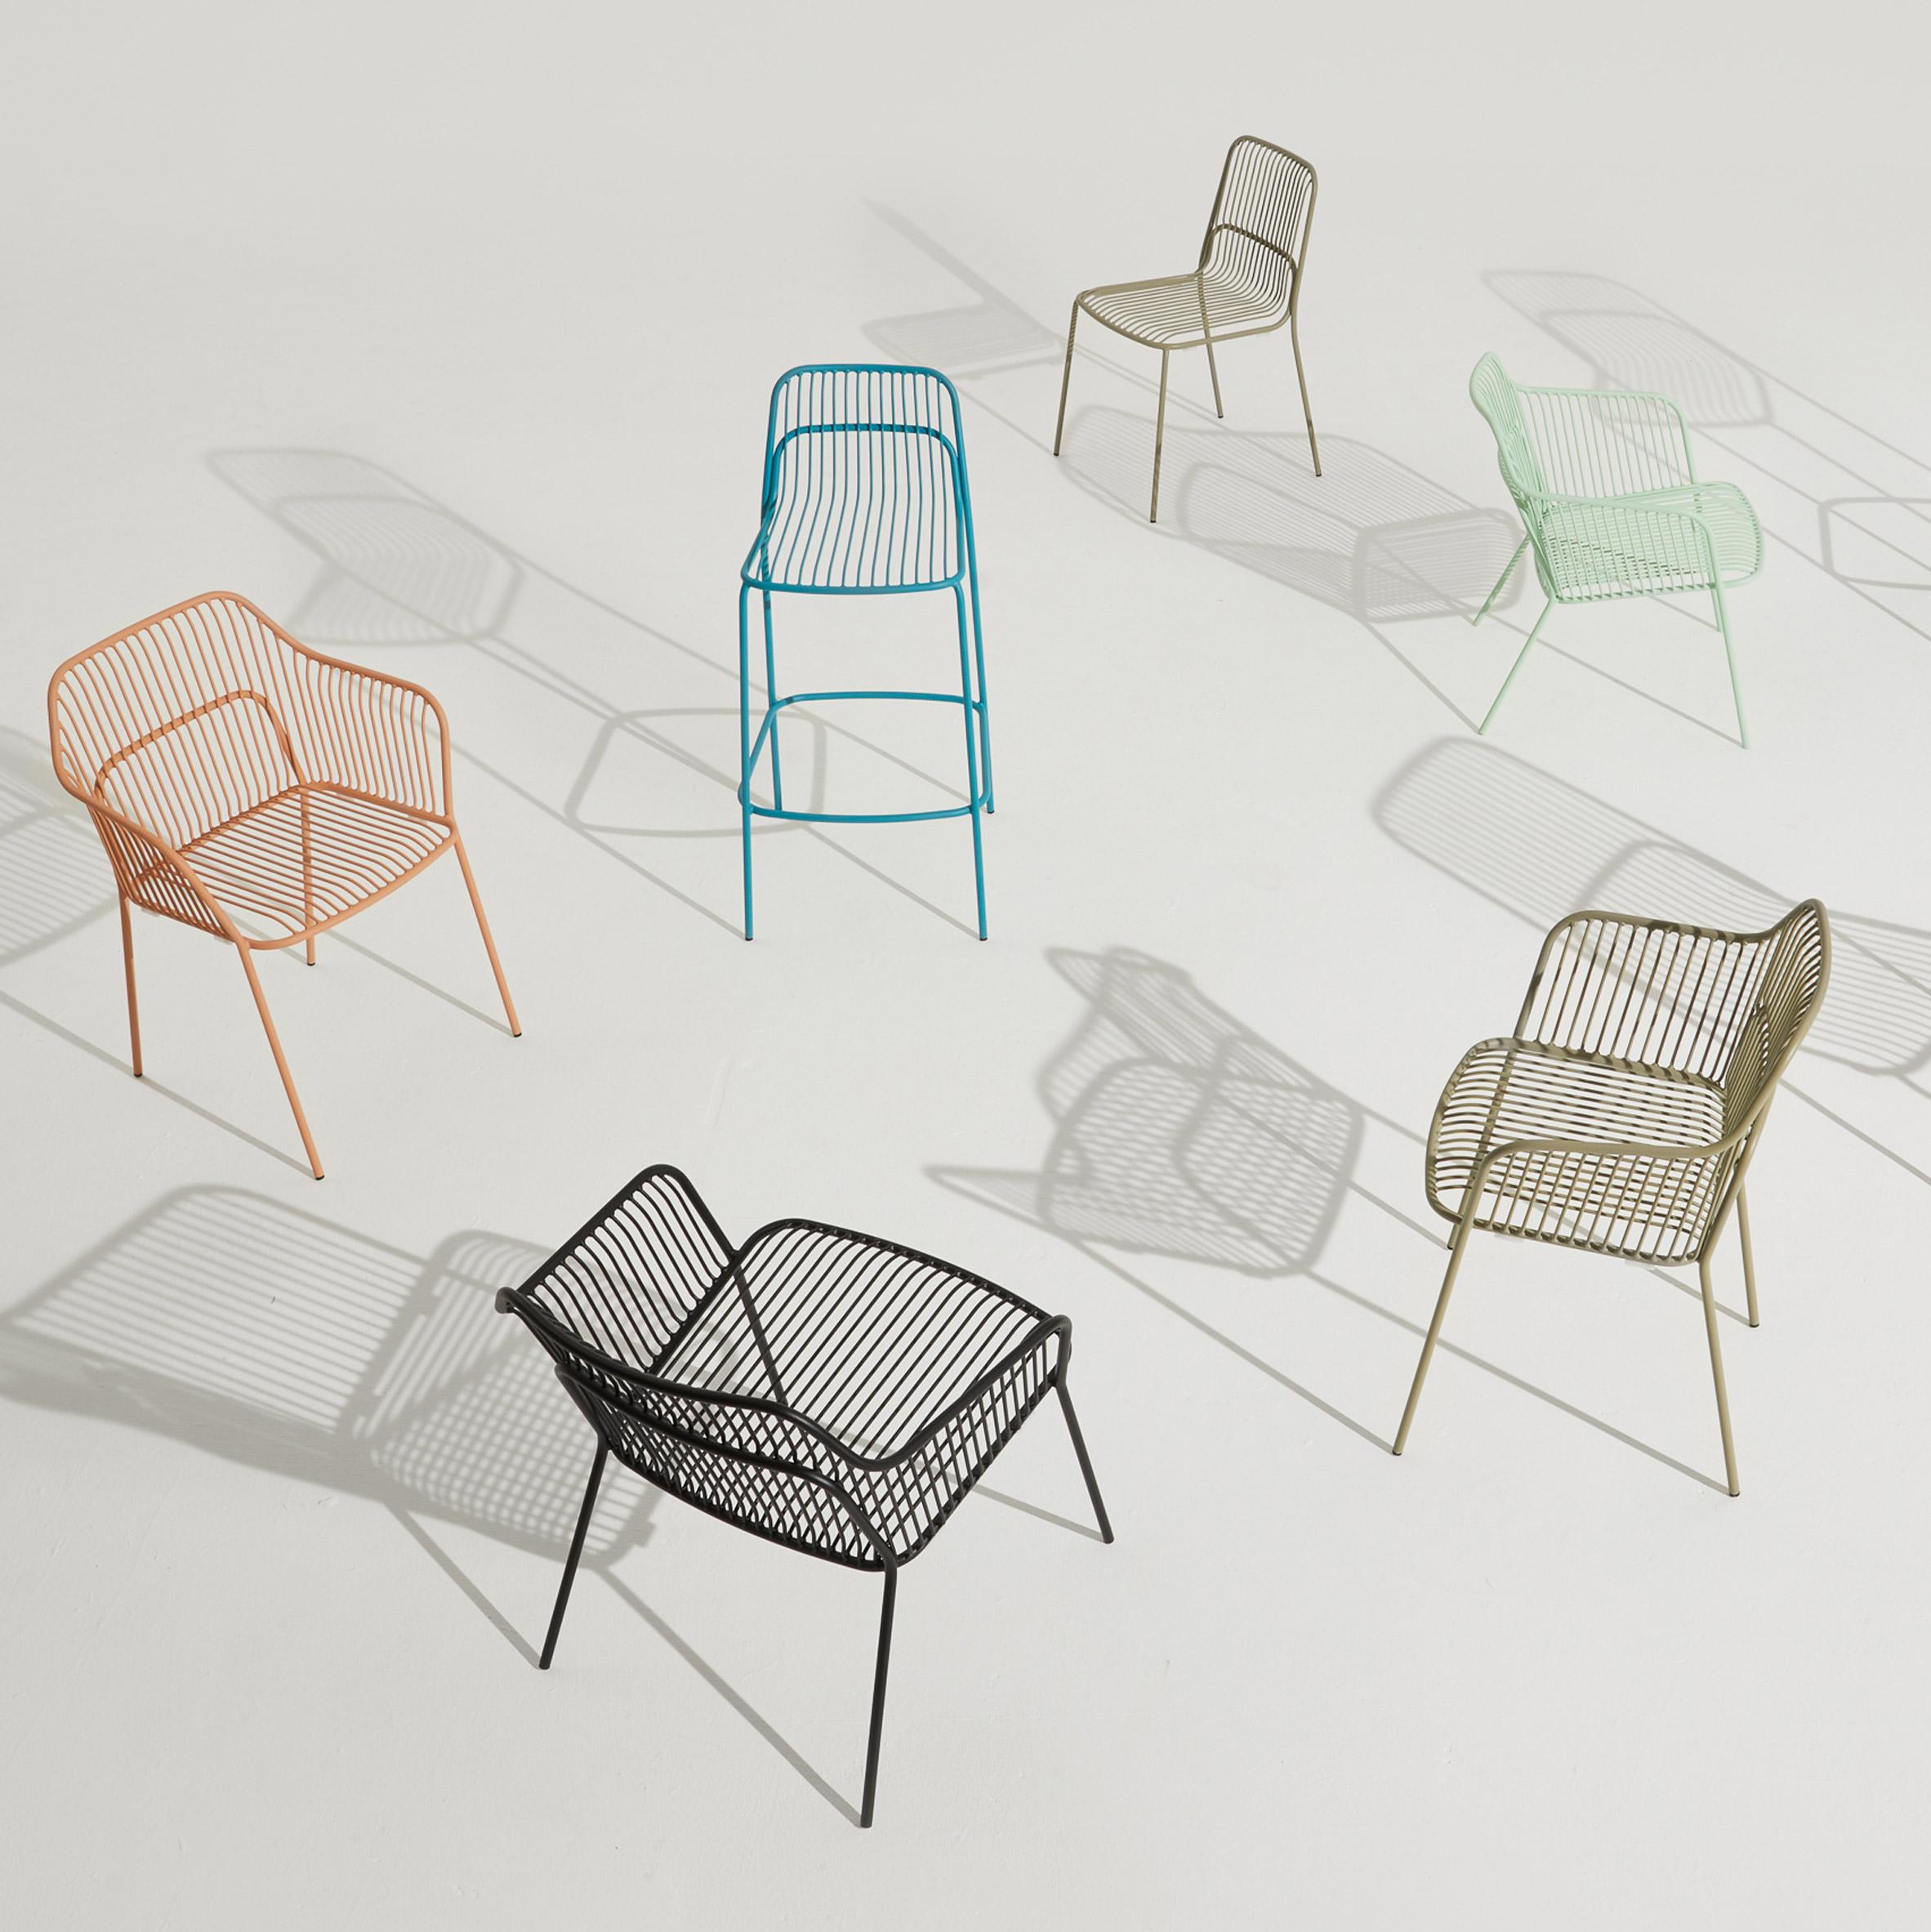 Crop outdoor seating by Benjamin Hubert for Allermuir